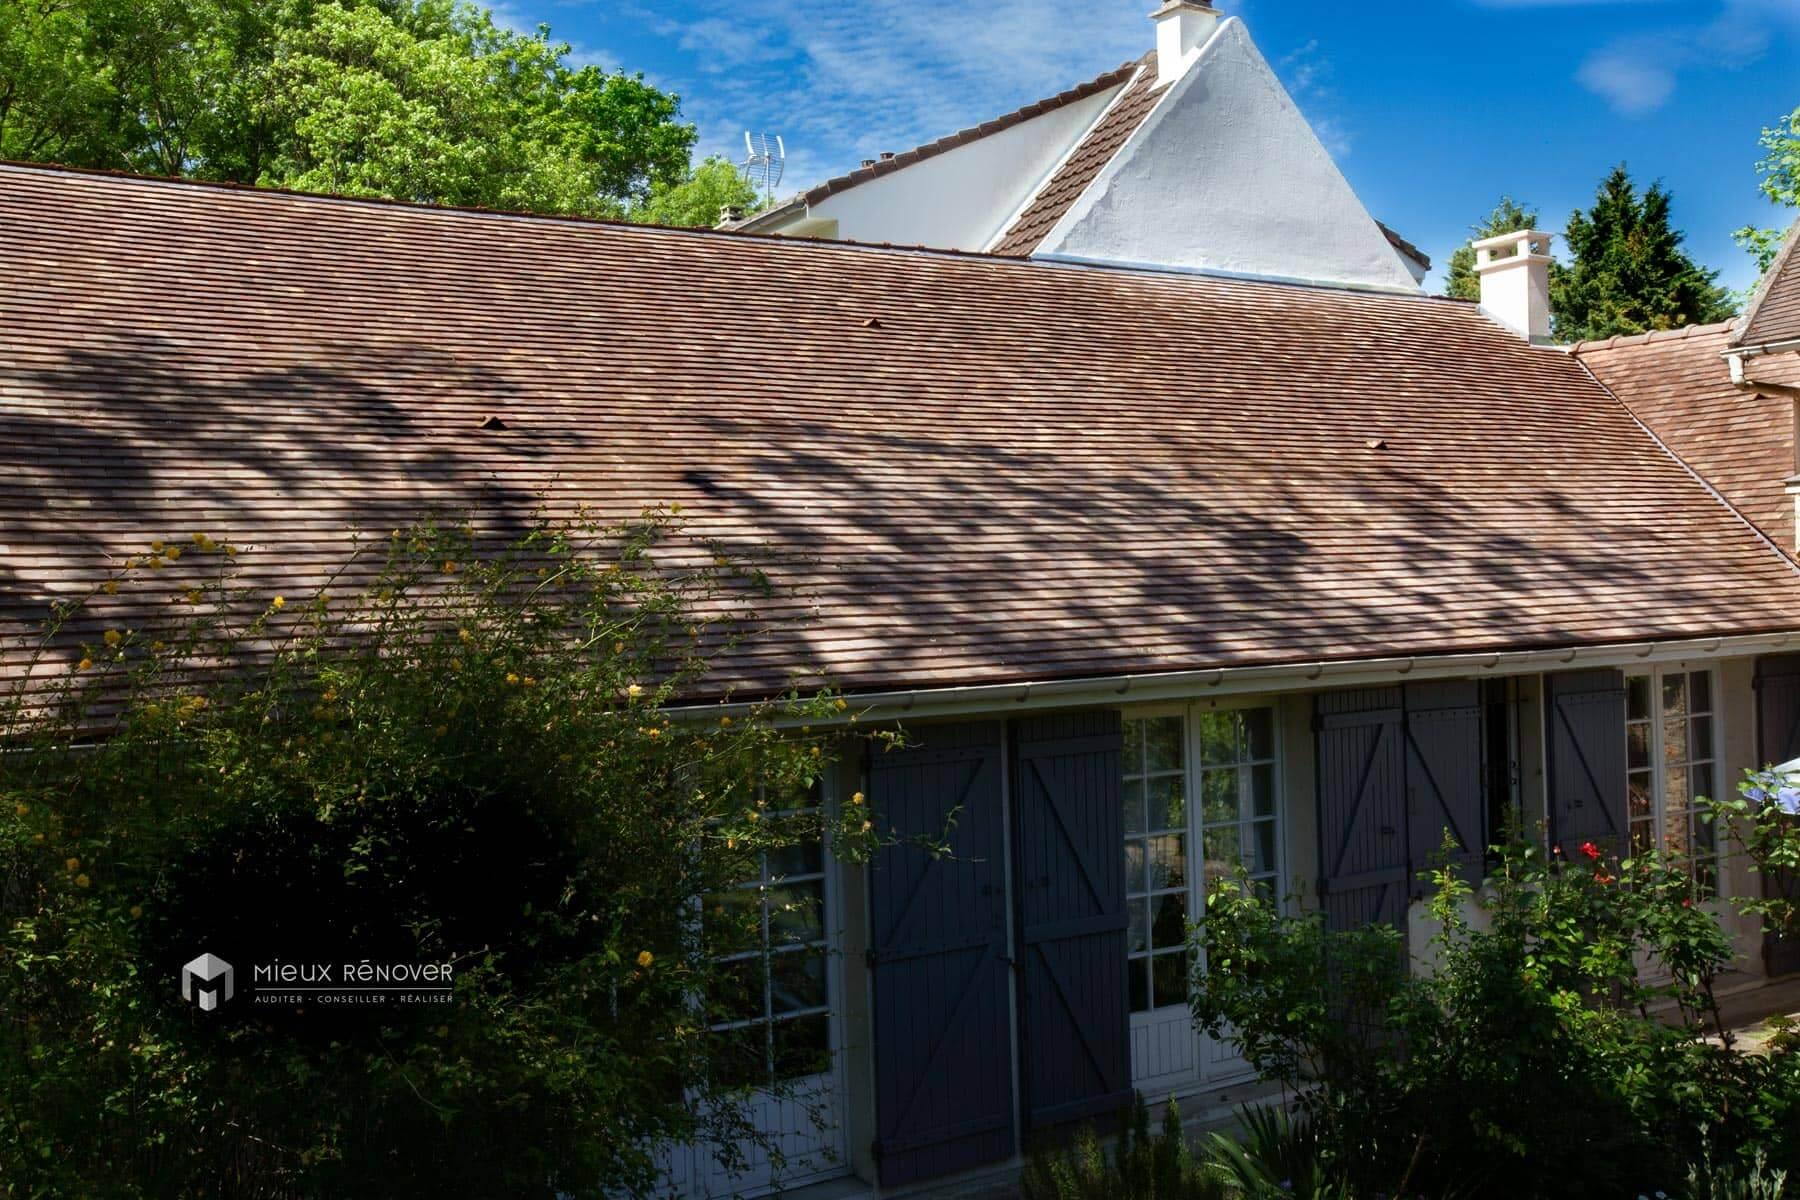 Rénovation de toiture avec isolation thermique par Mieux Rénover